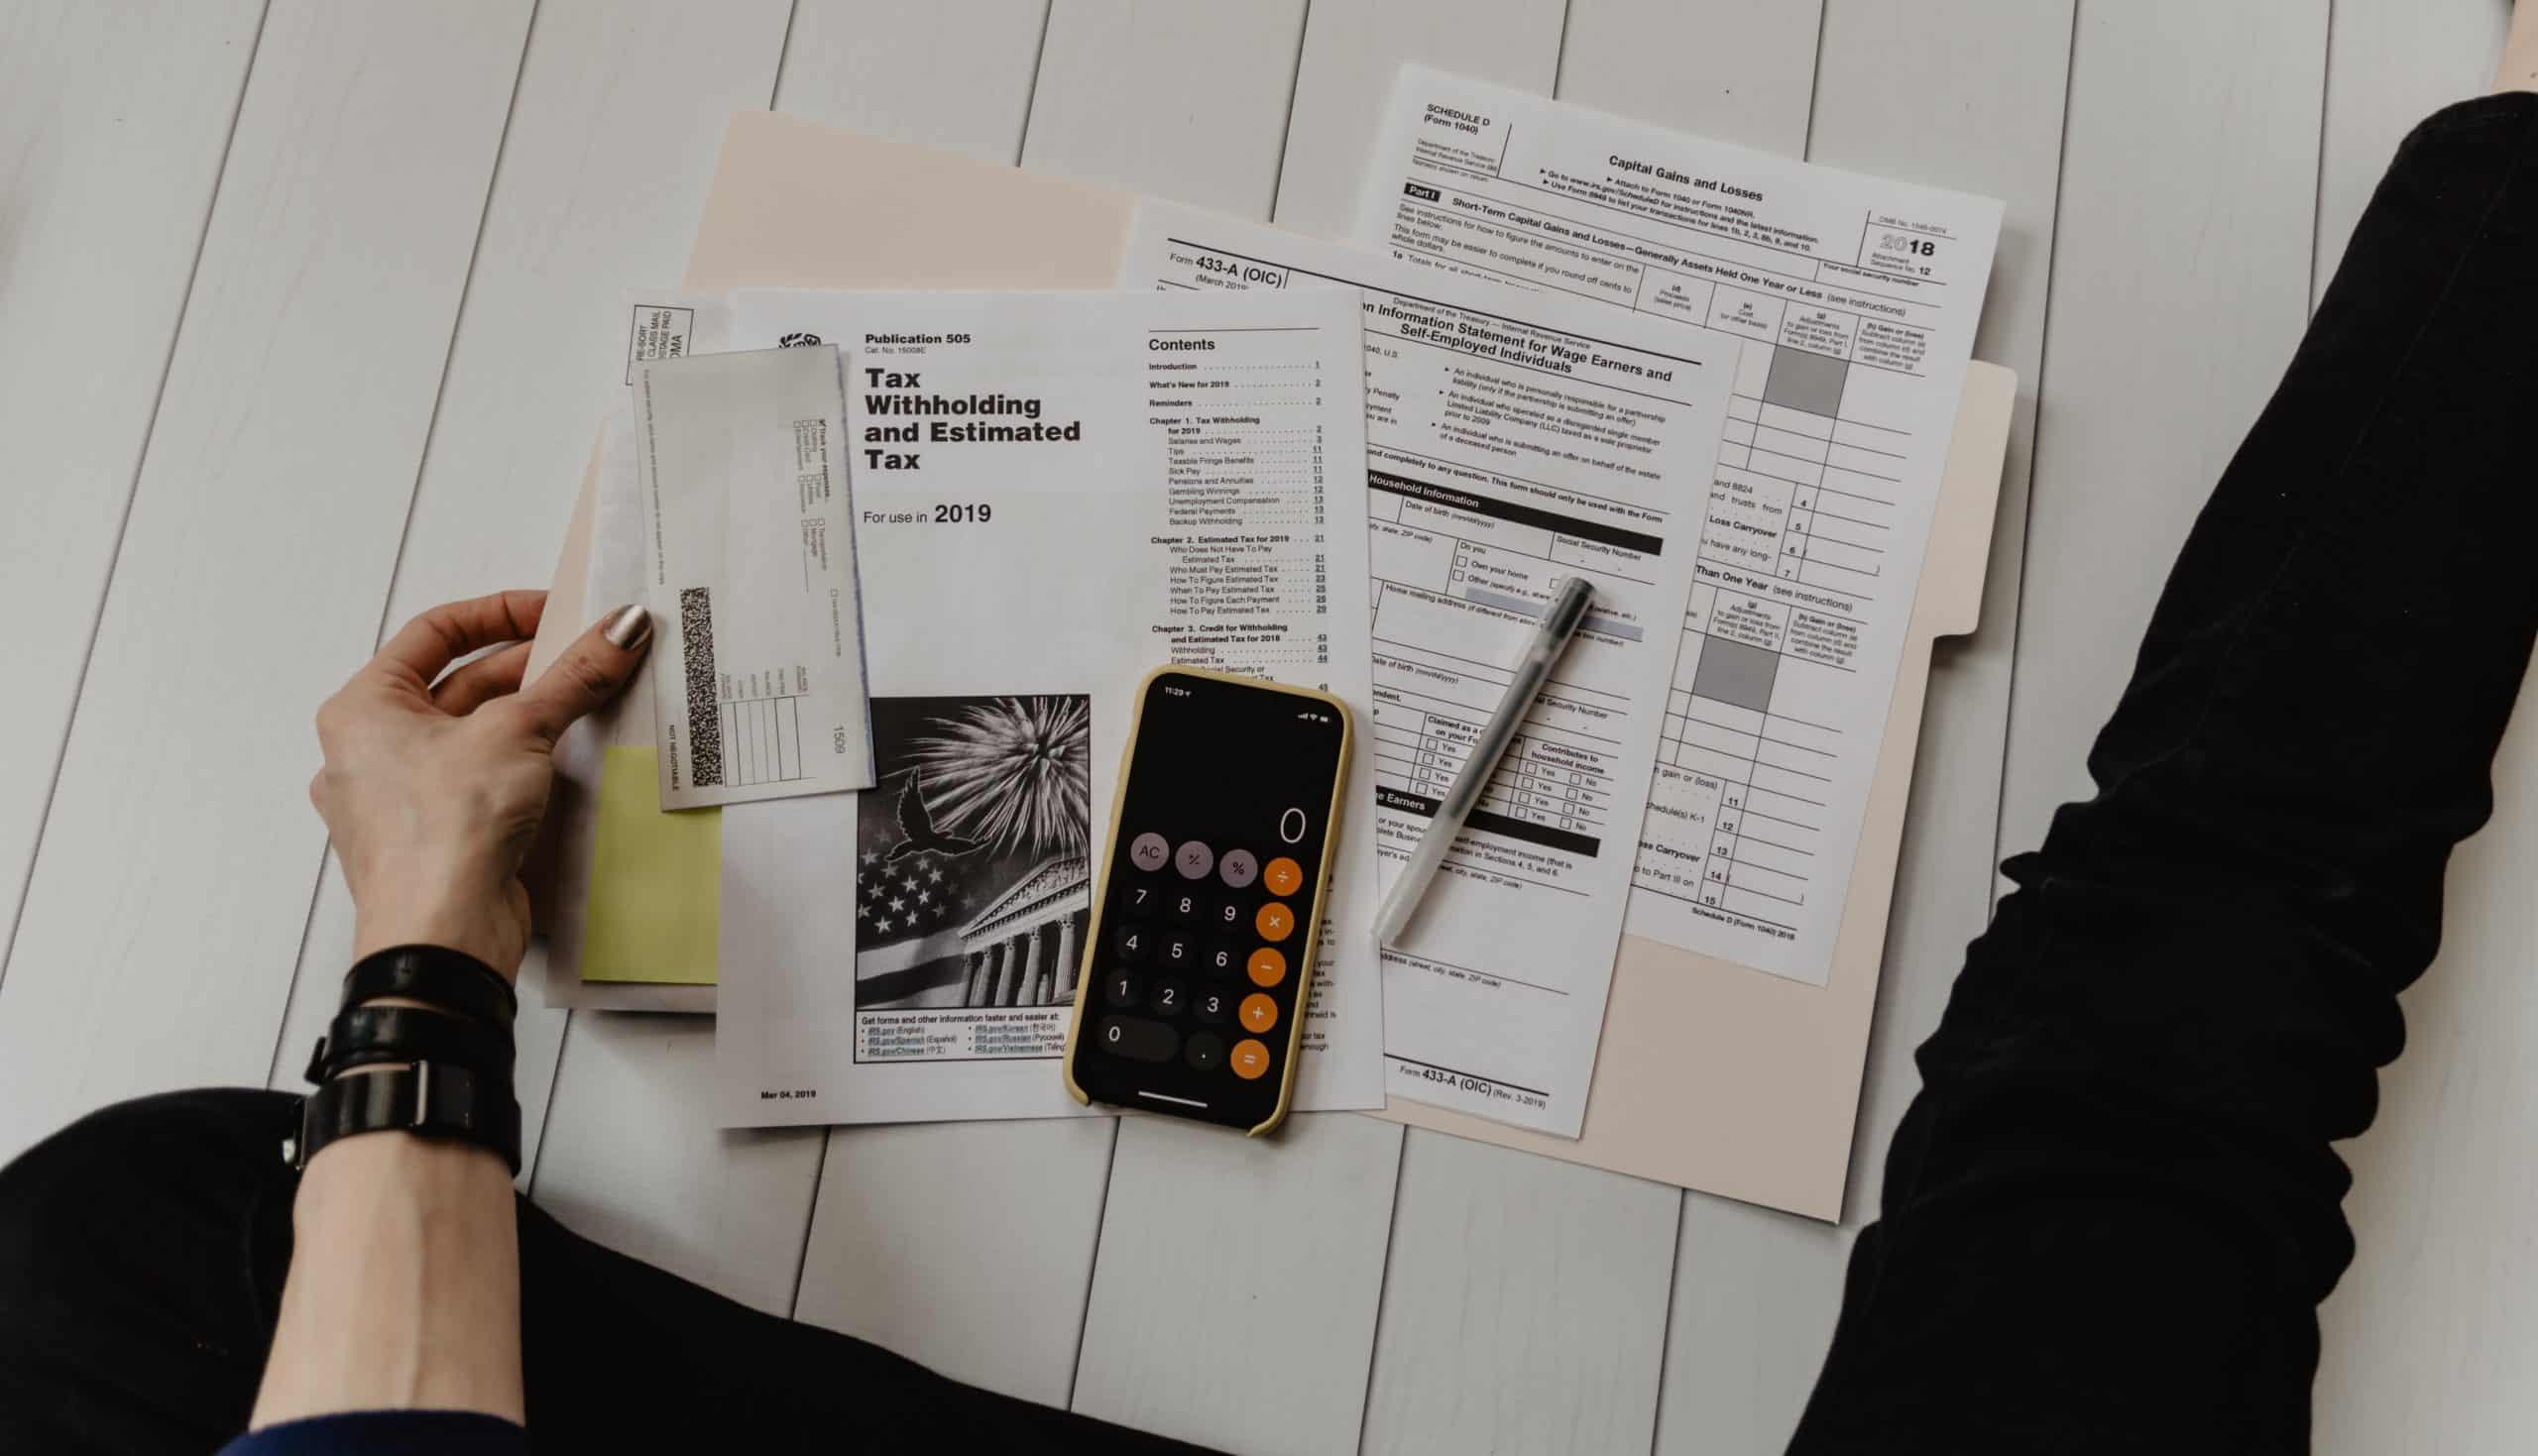 Comment déclarer ses revenus Auto-entrepreneur impôts 2021 ?